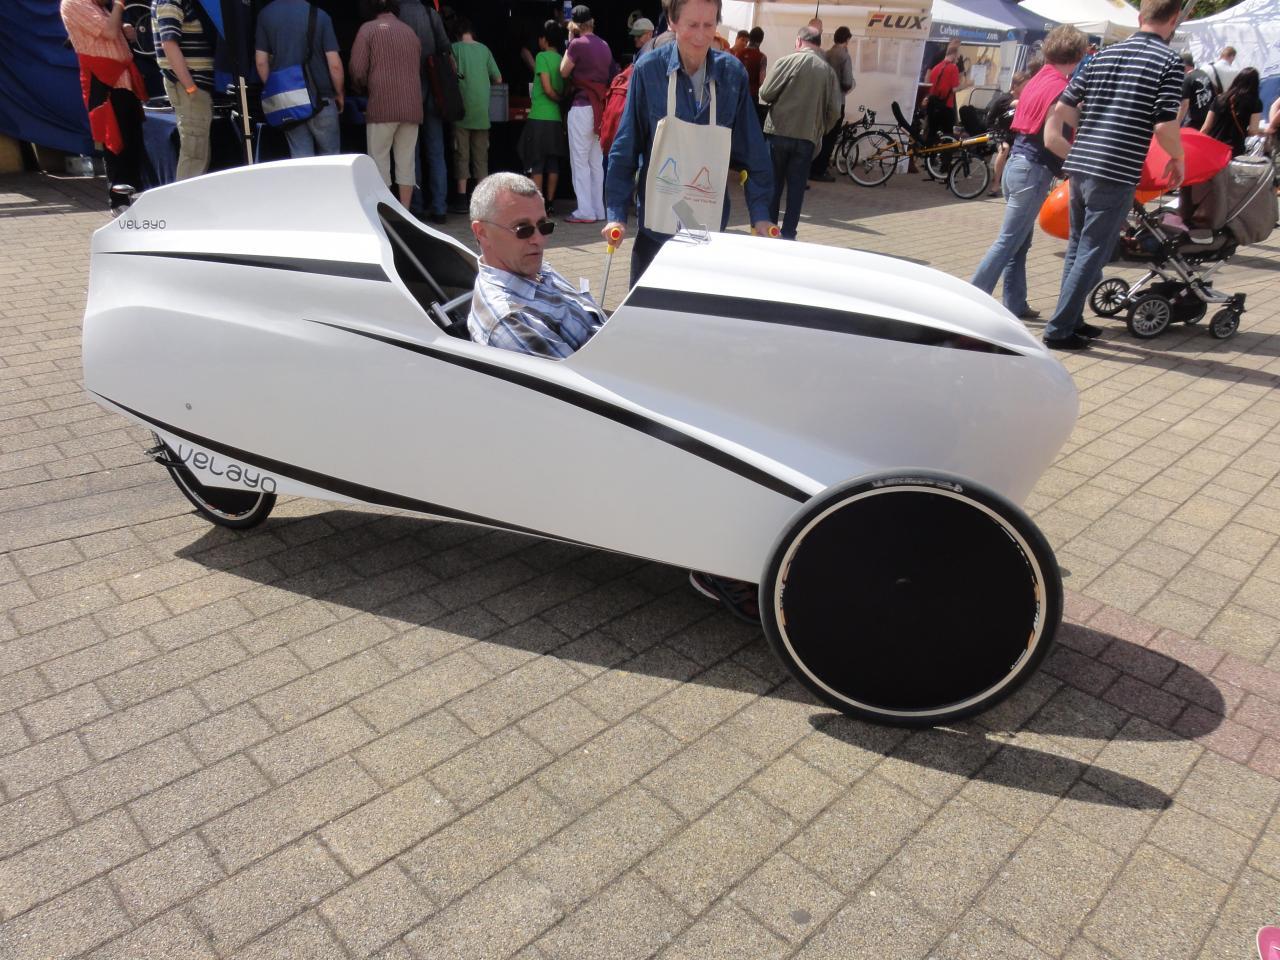 Vélomobile Velayo